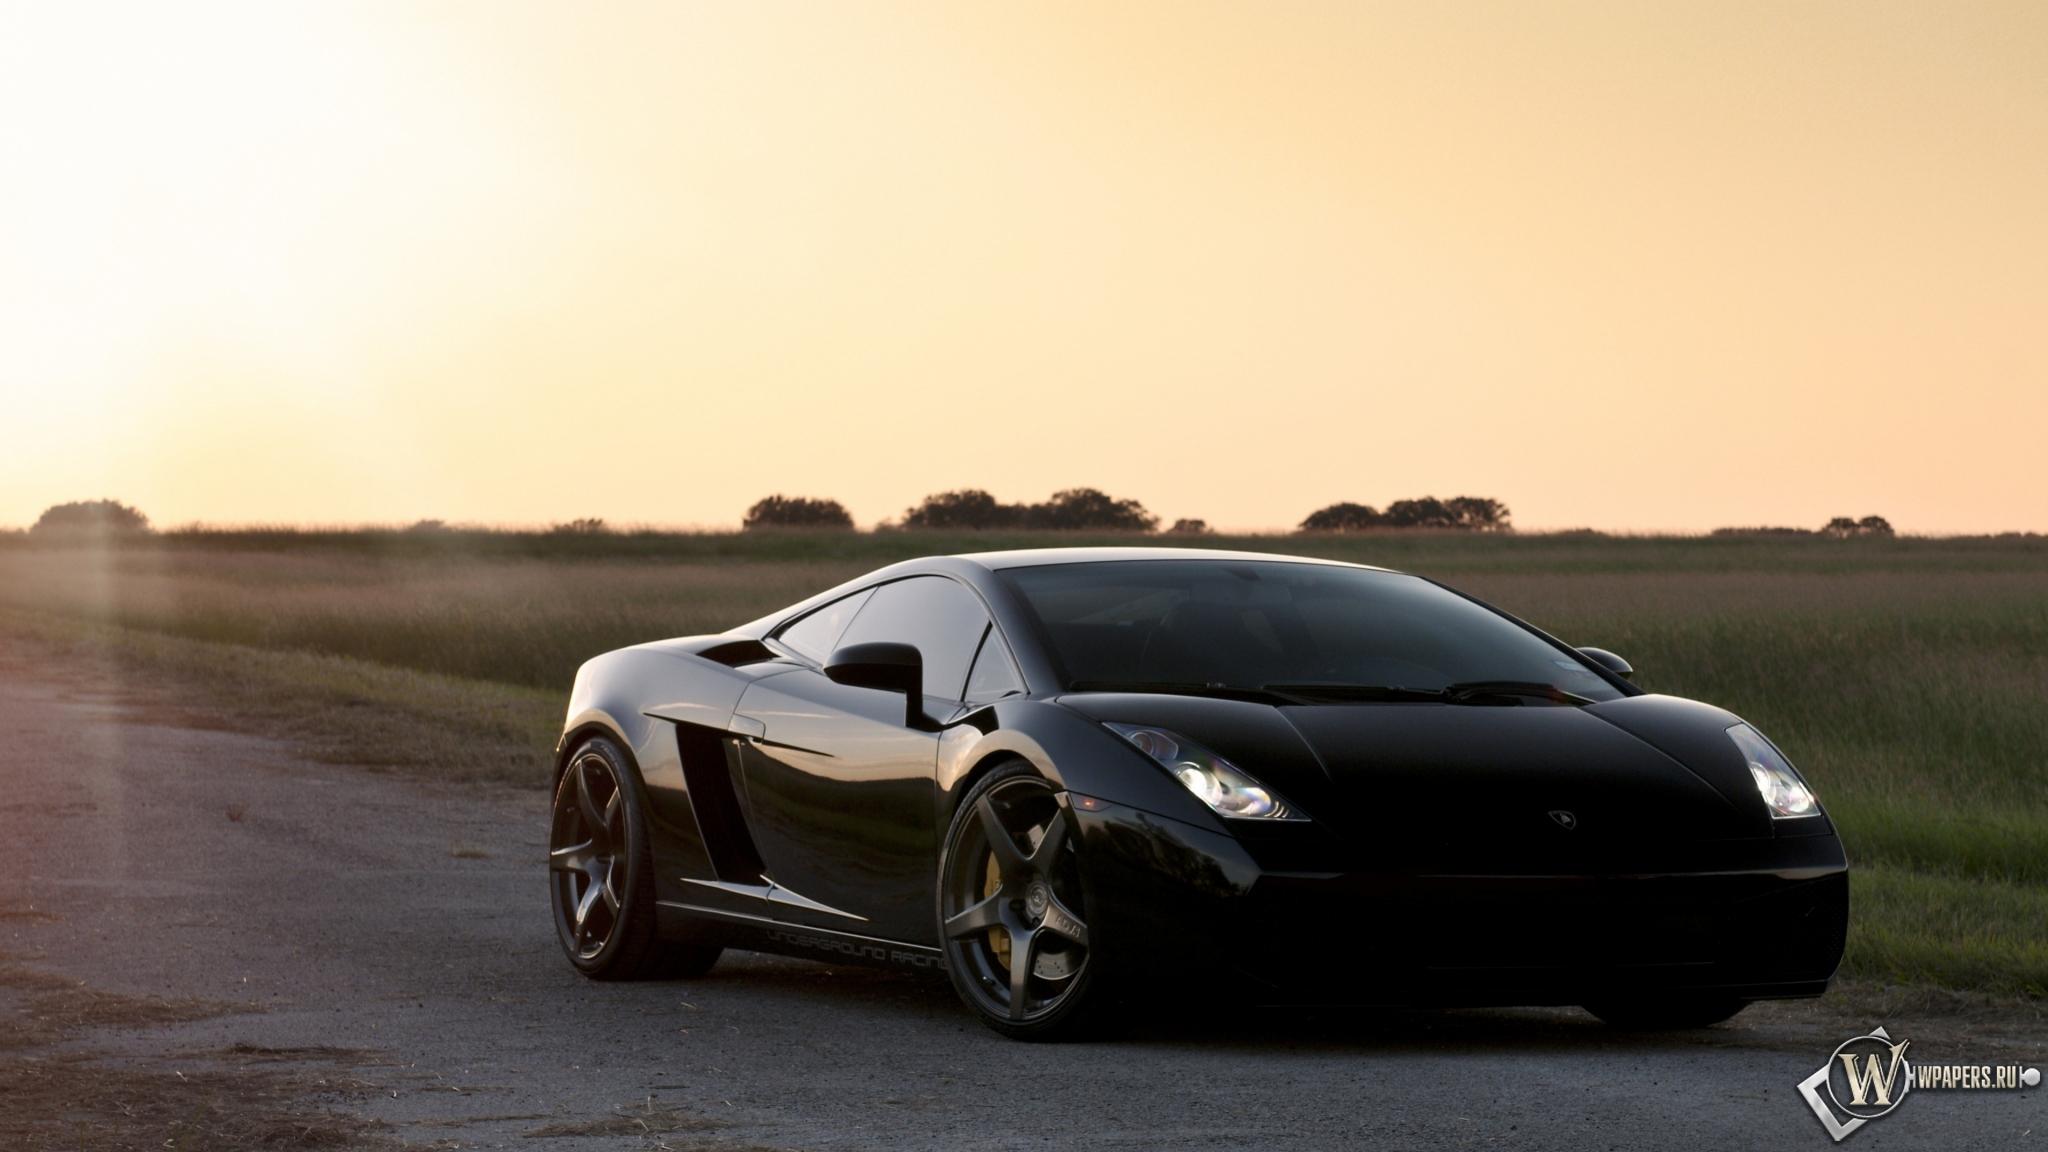 Lamborghini Gallardo 2048x1152